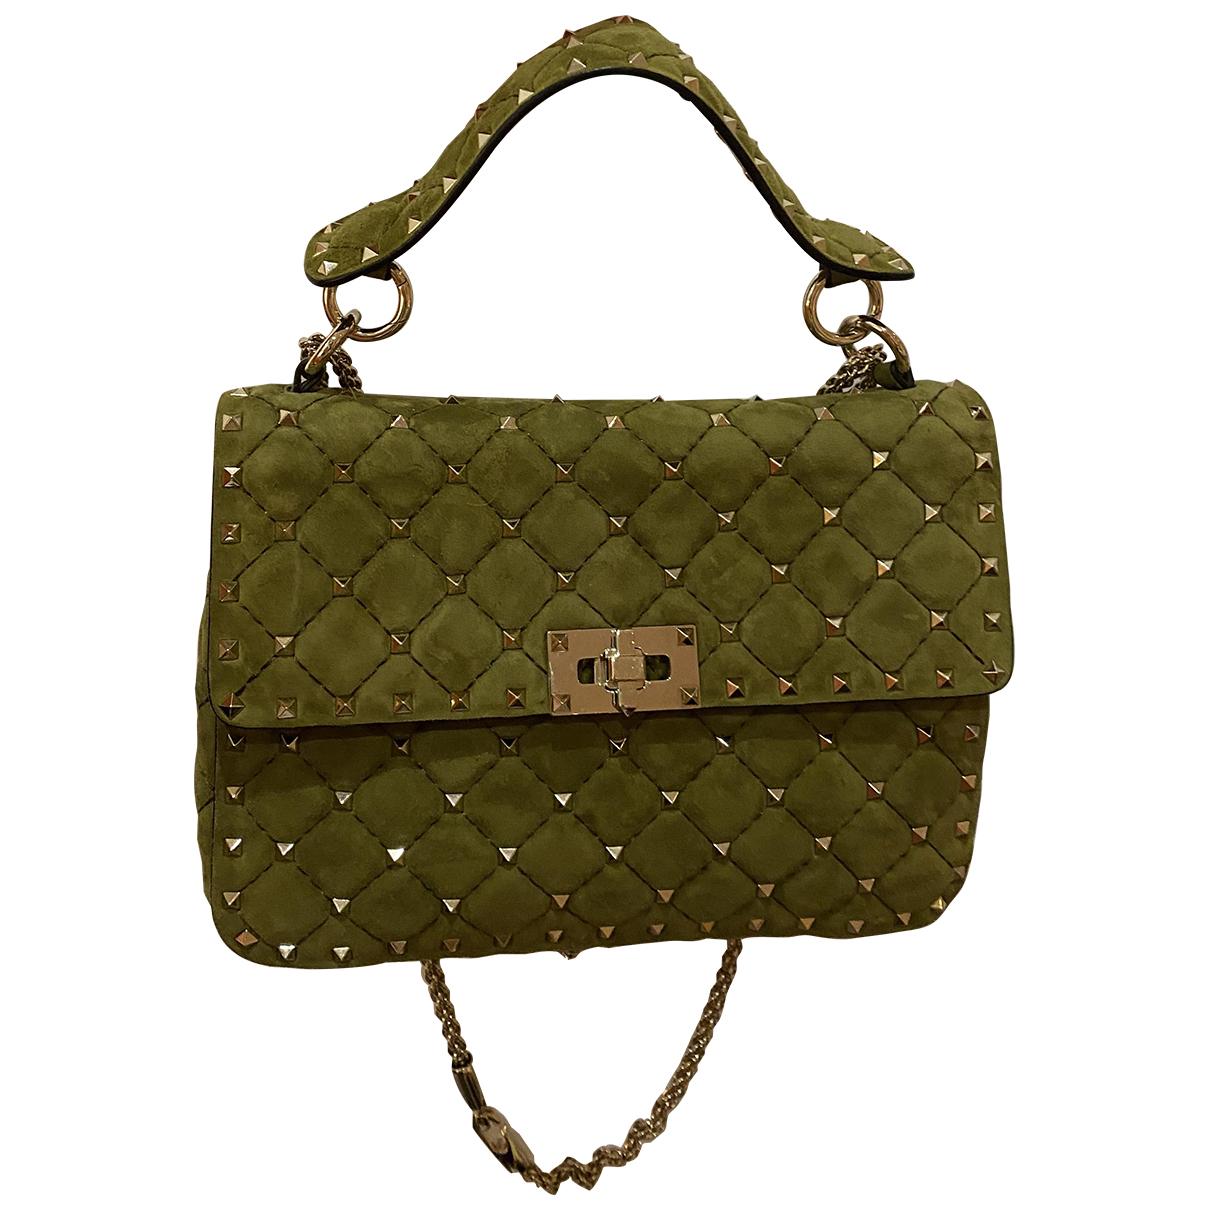 Valentino Garavani Rockstud spike Handtasche in  Khaki Leder